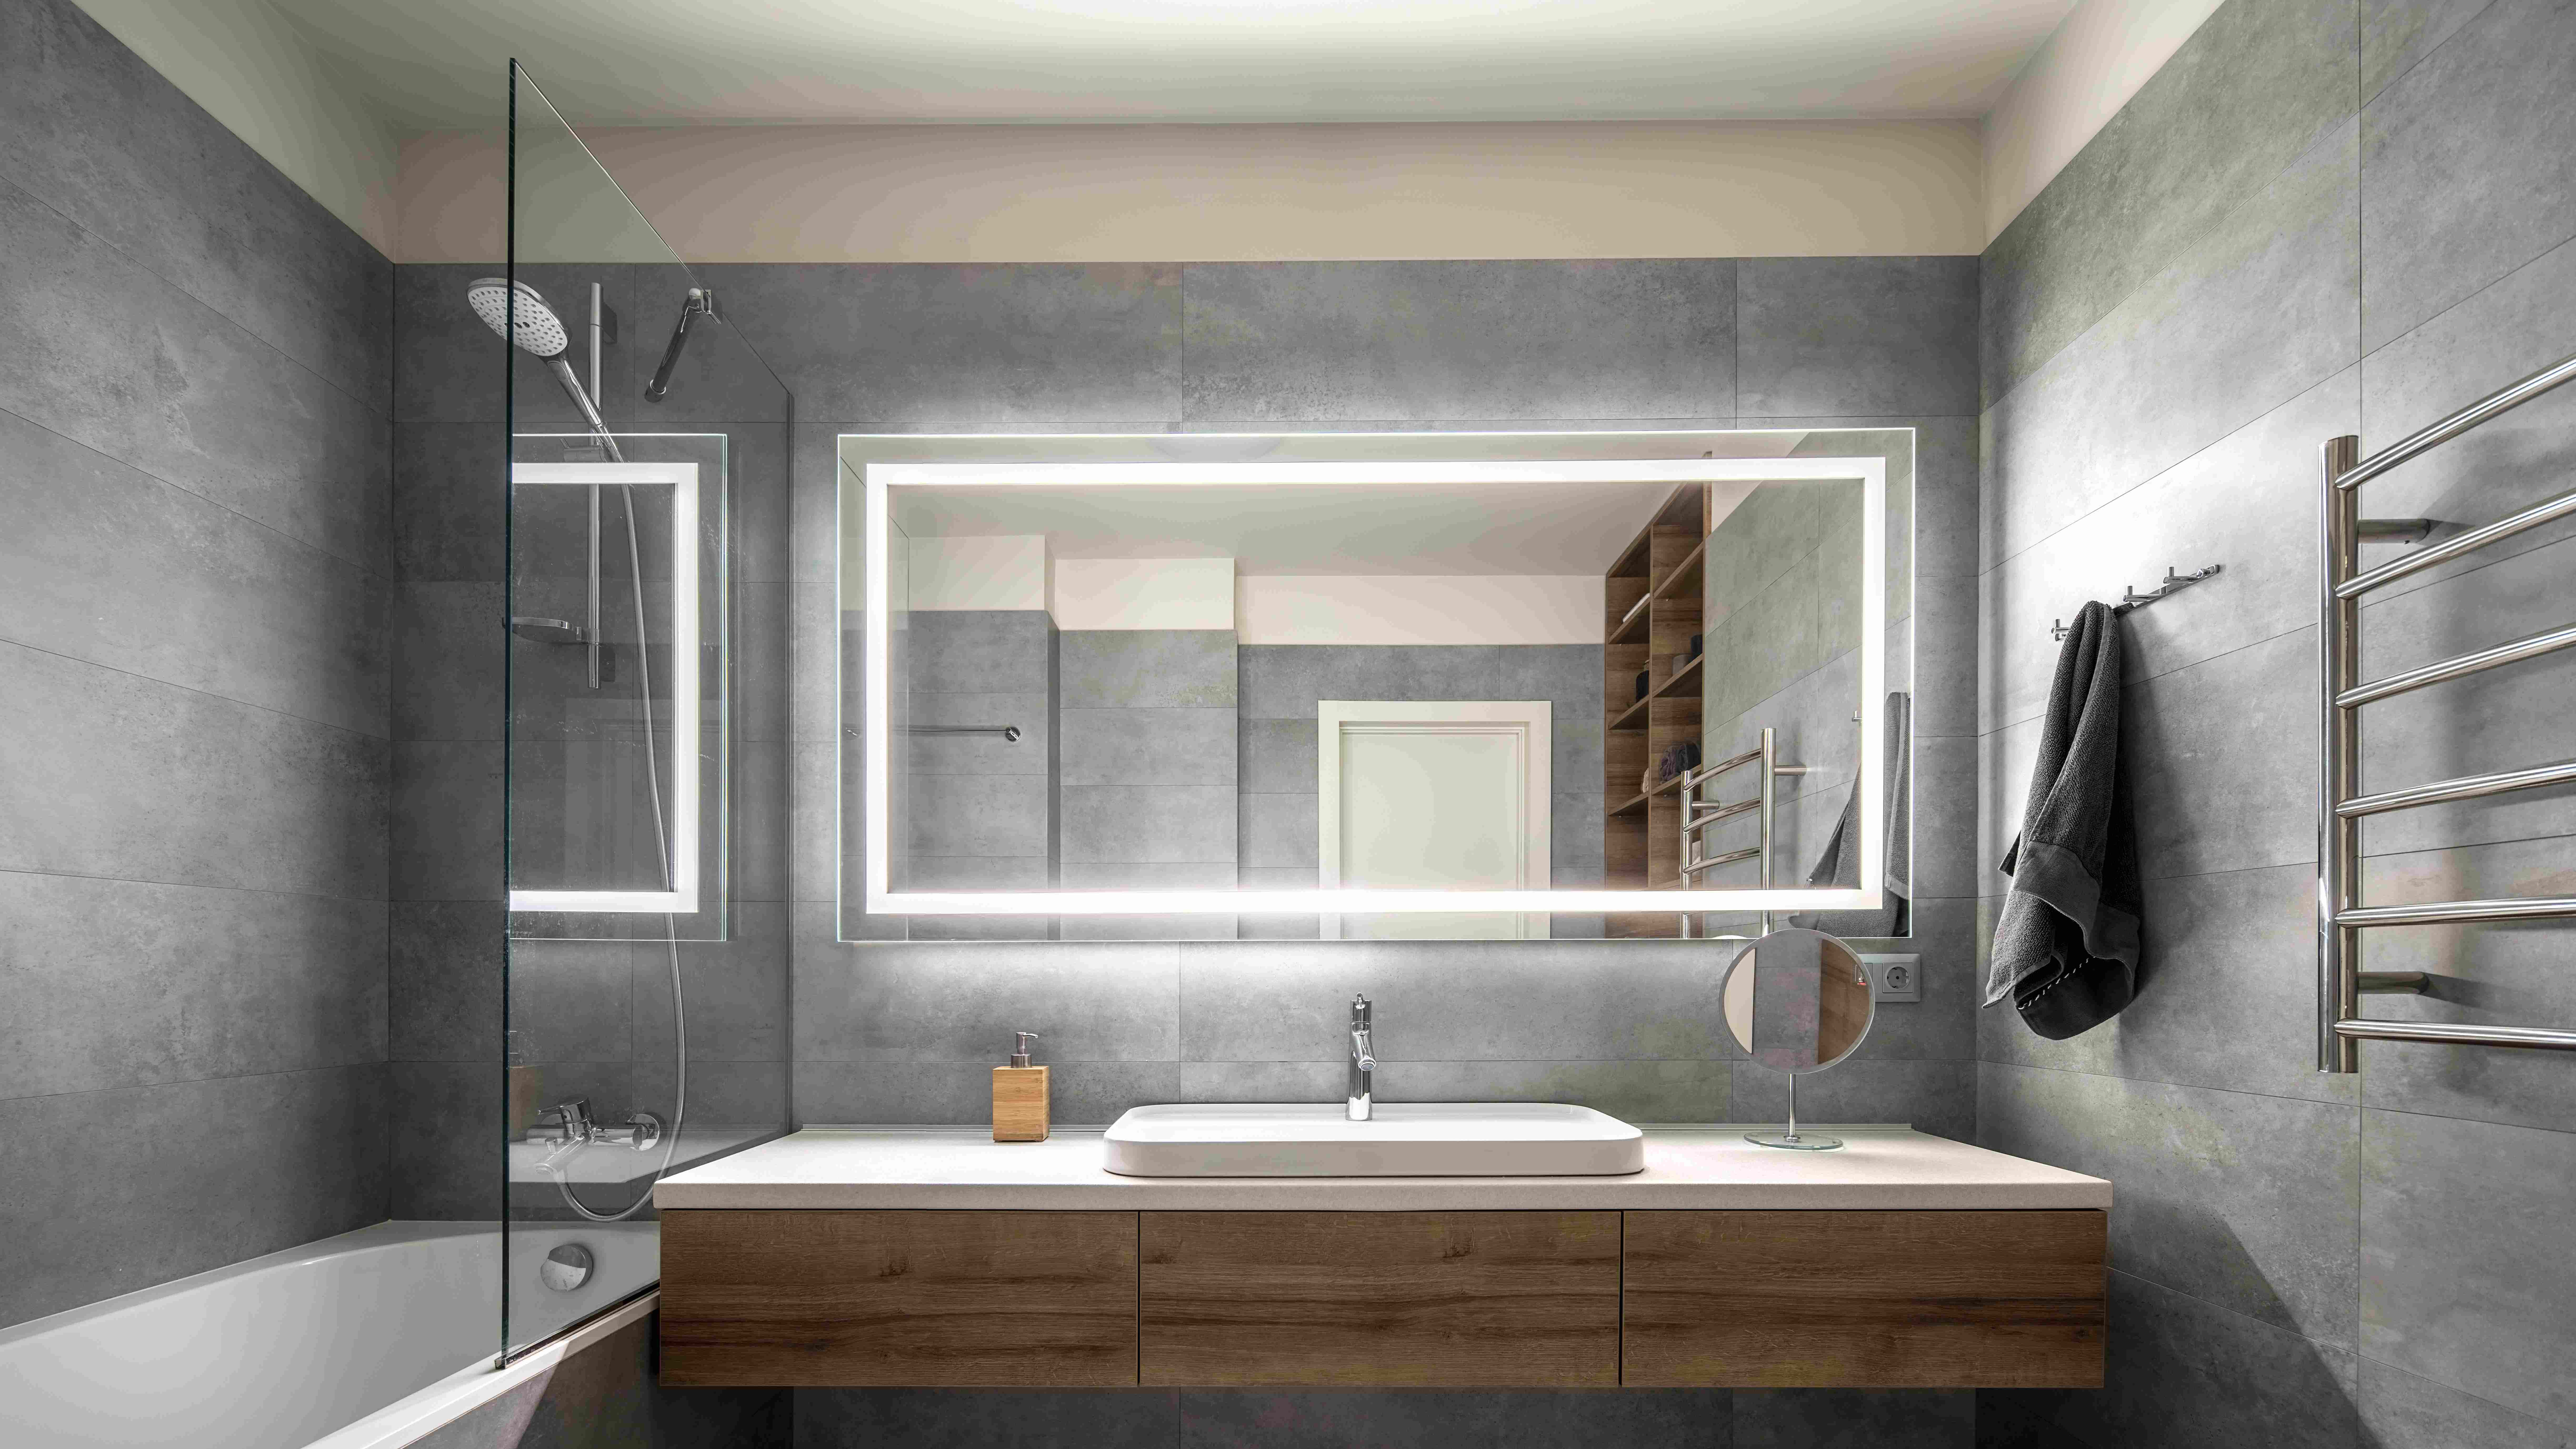 19+ Comment brancher un miroir de salle de bain ideas